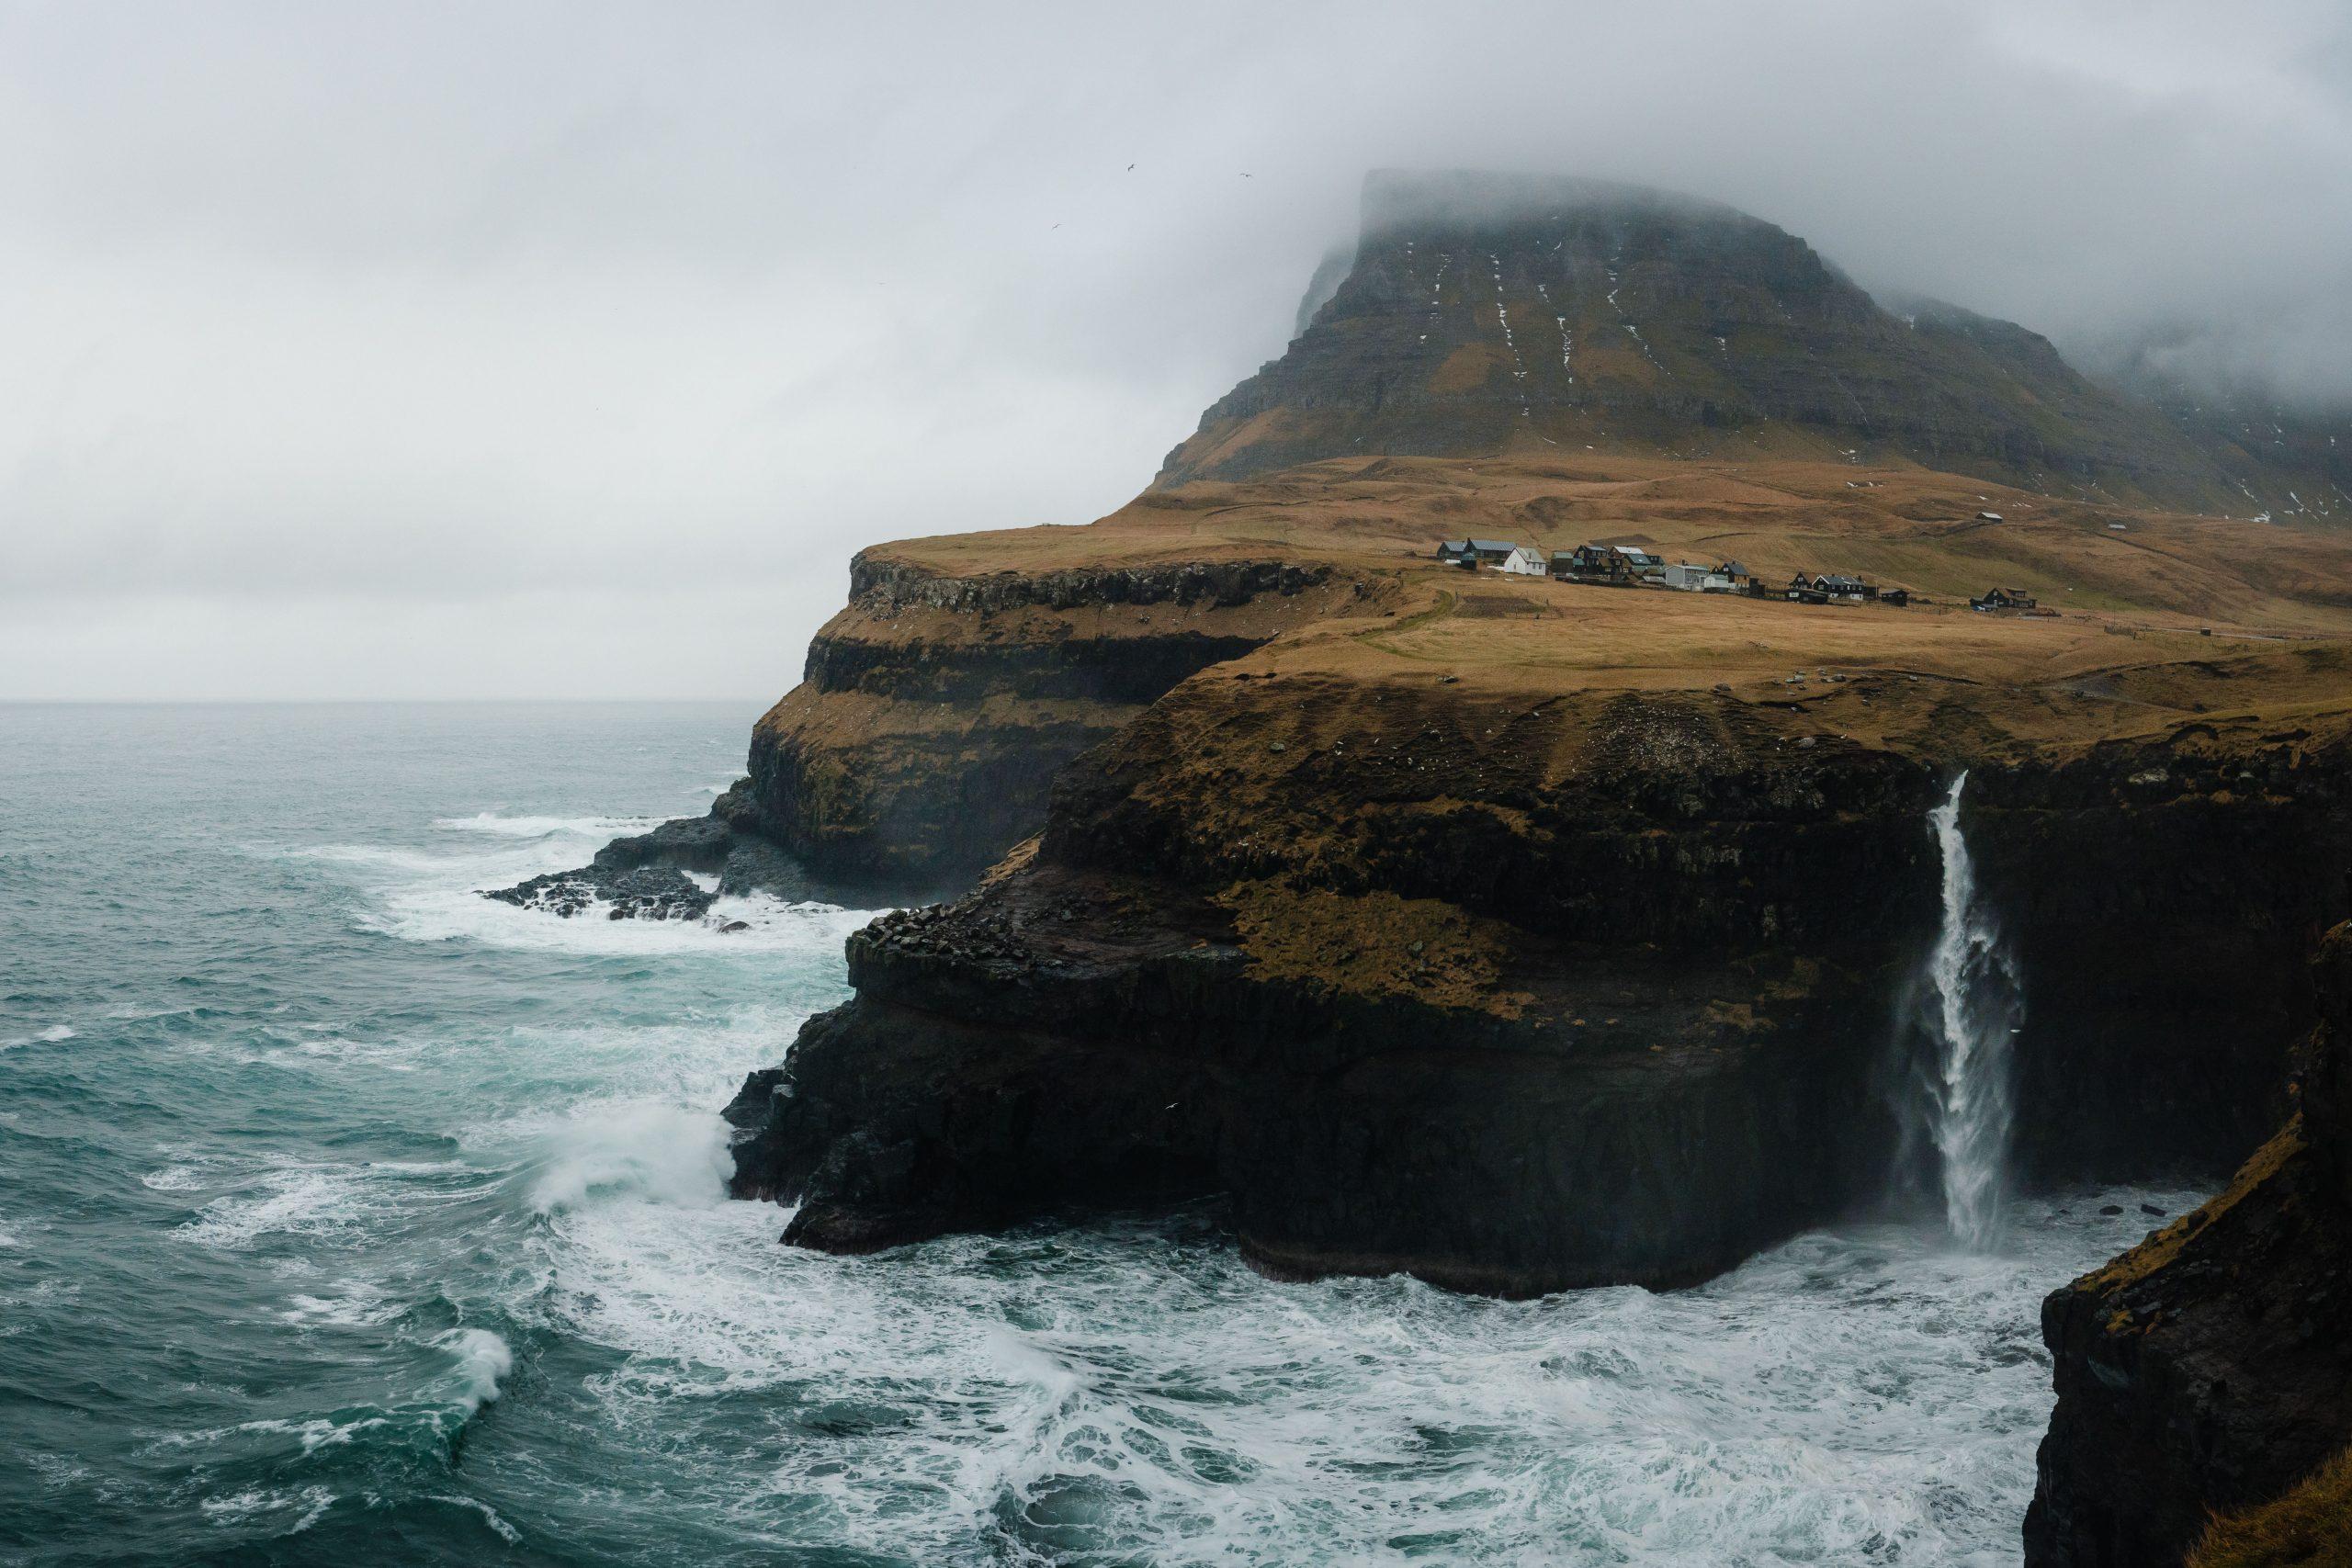 康拉德·戈洛瓦克(Conrad Golovac)的法罗群岛的风景彩色照片